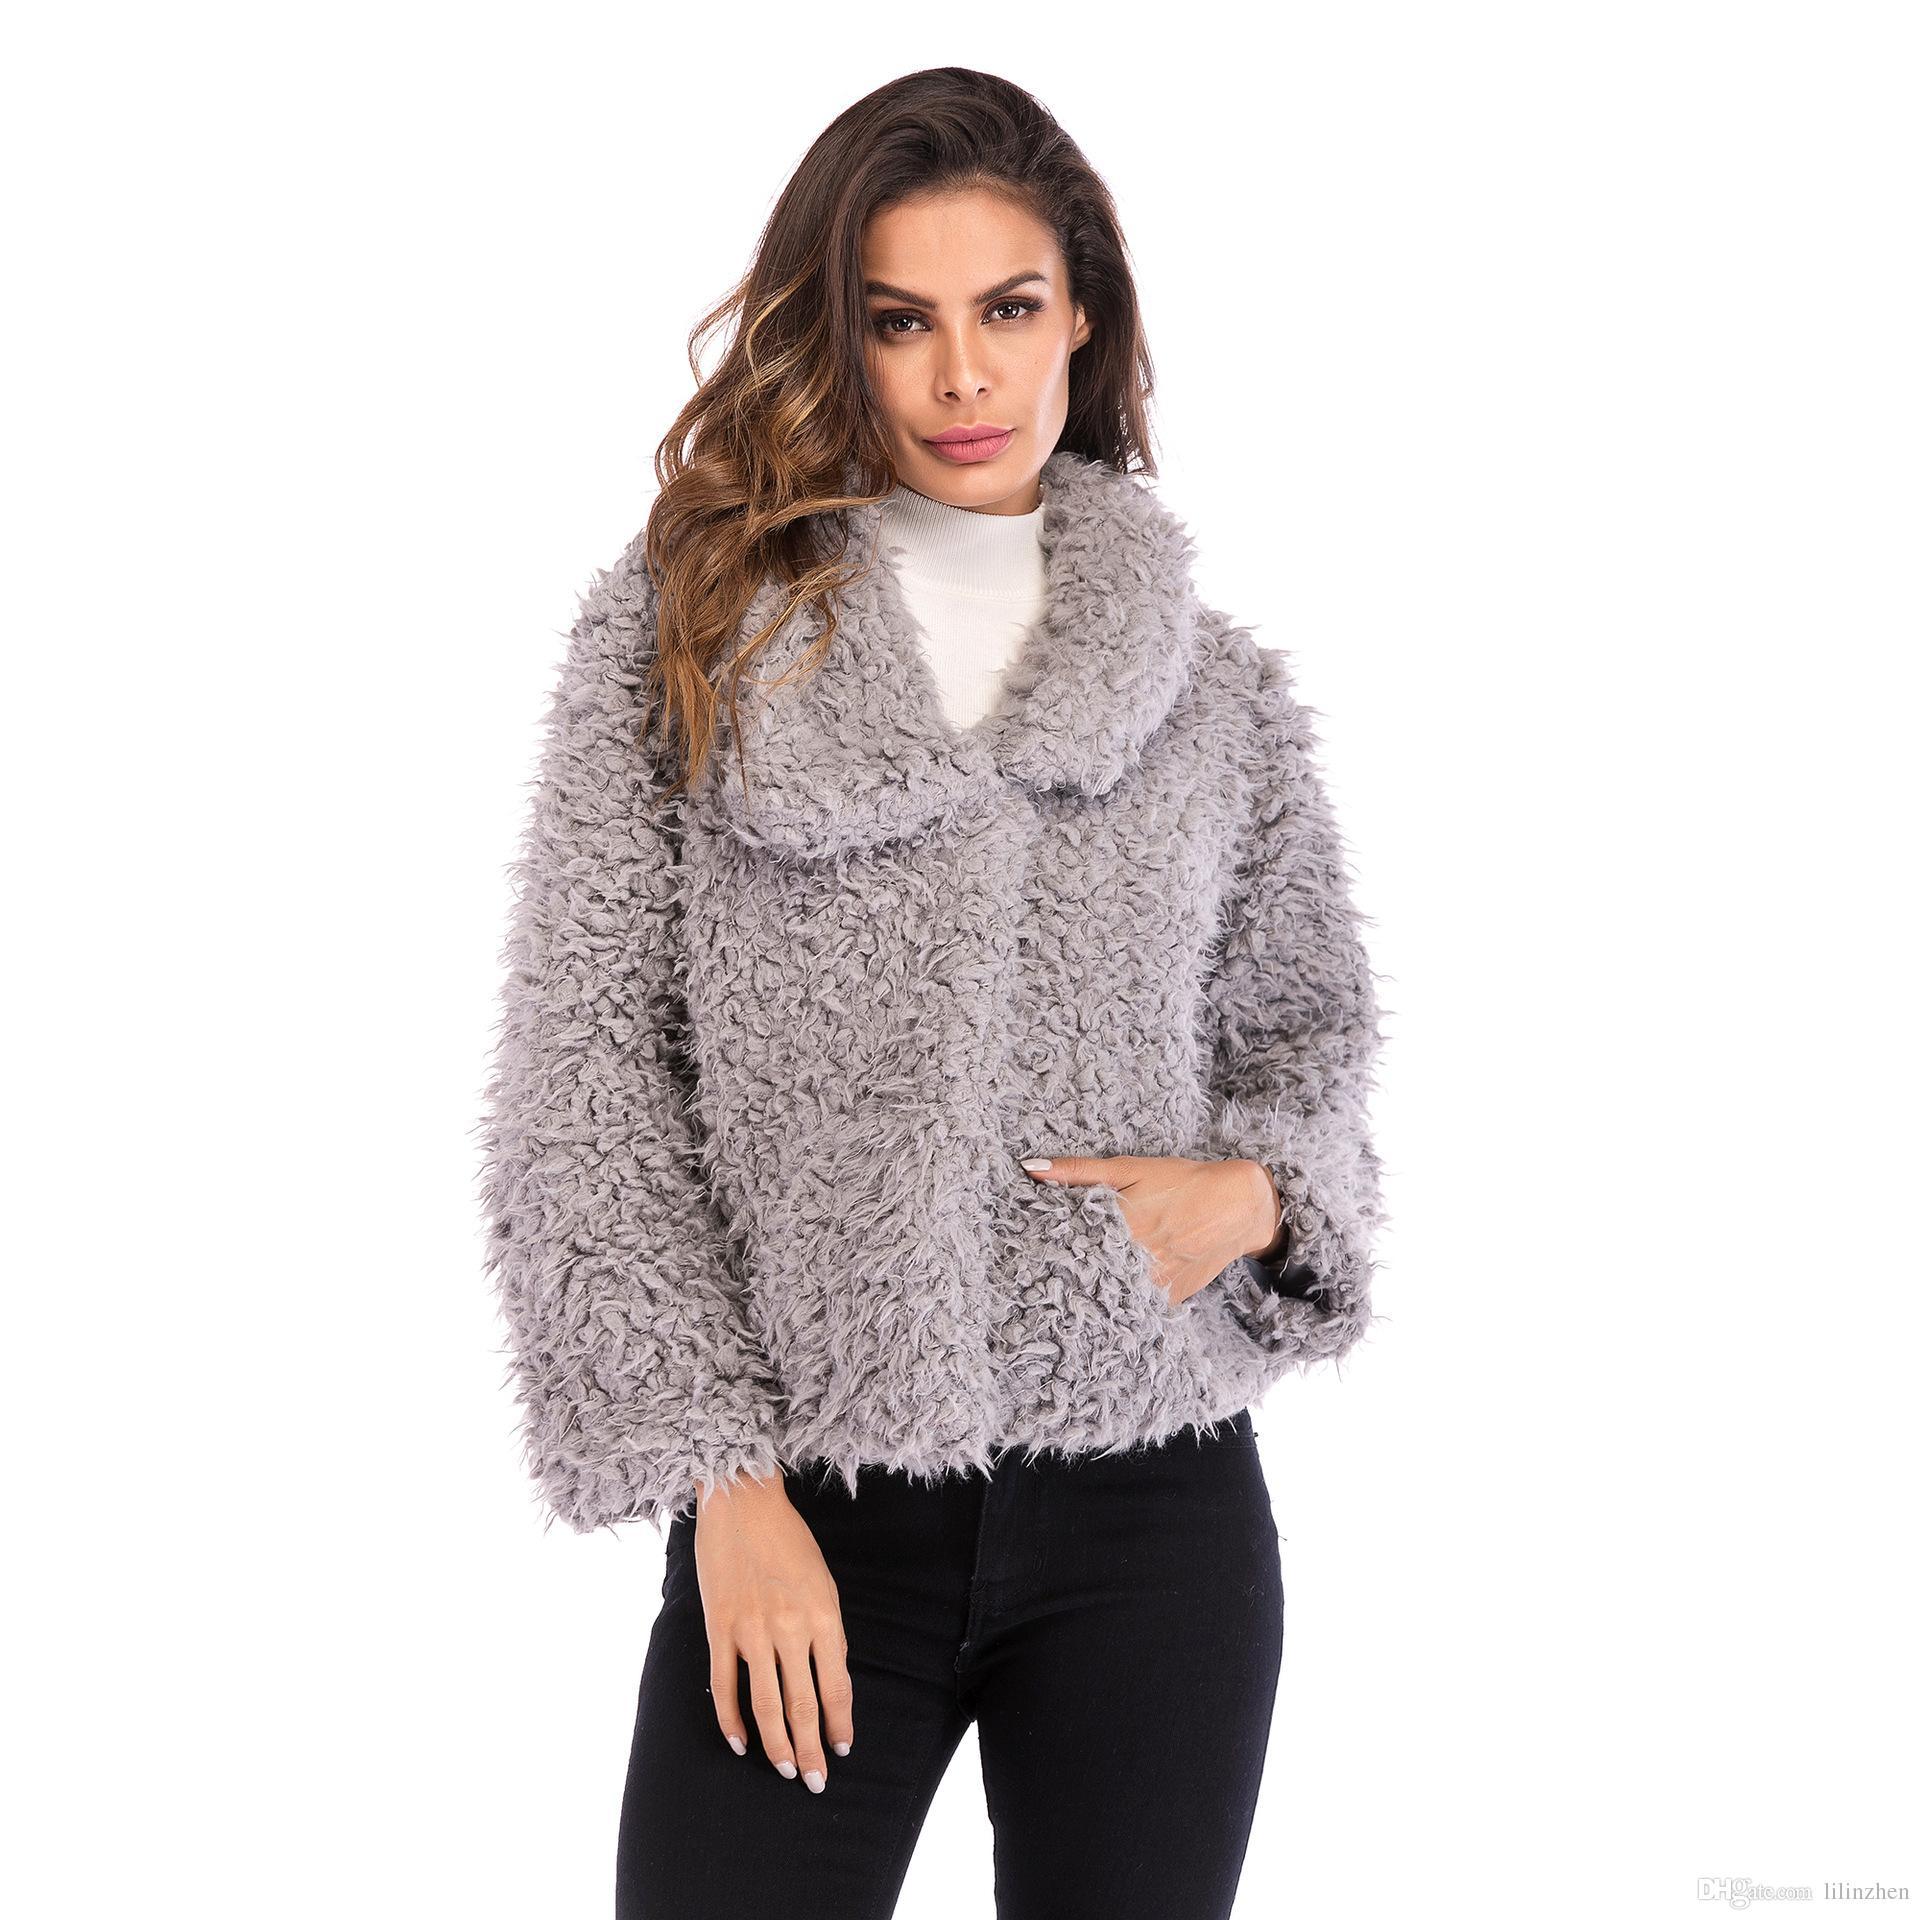 Cuello alto de invierno 2019, felpa, blusa de color liso, suelta, nueva chaqueta de manga larga de estilo cálido y europeo para mujer, europea y americana